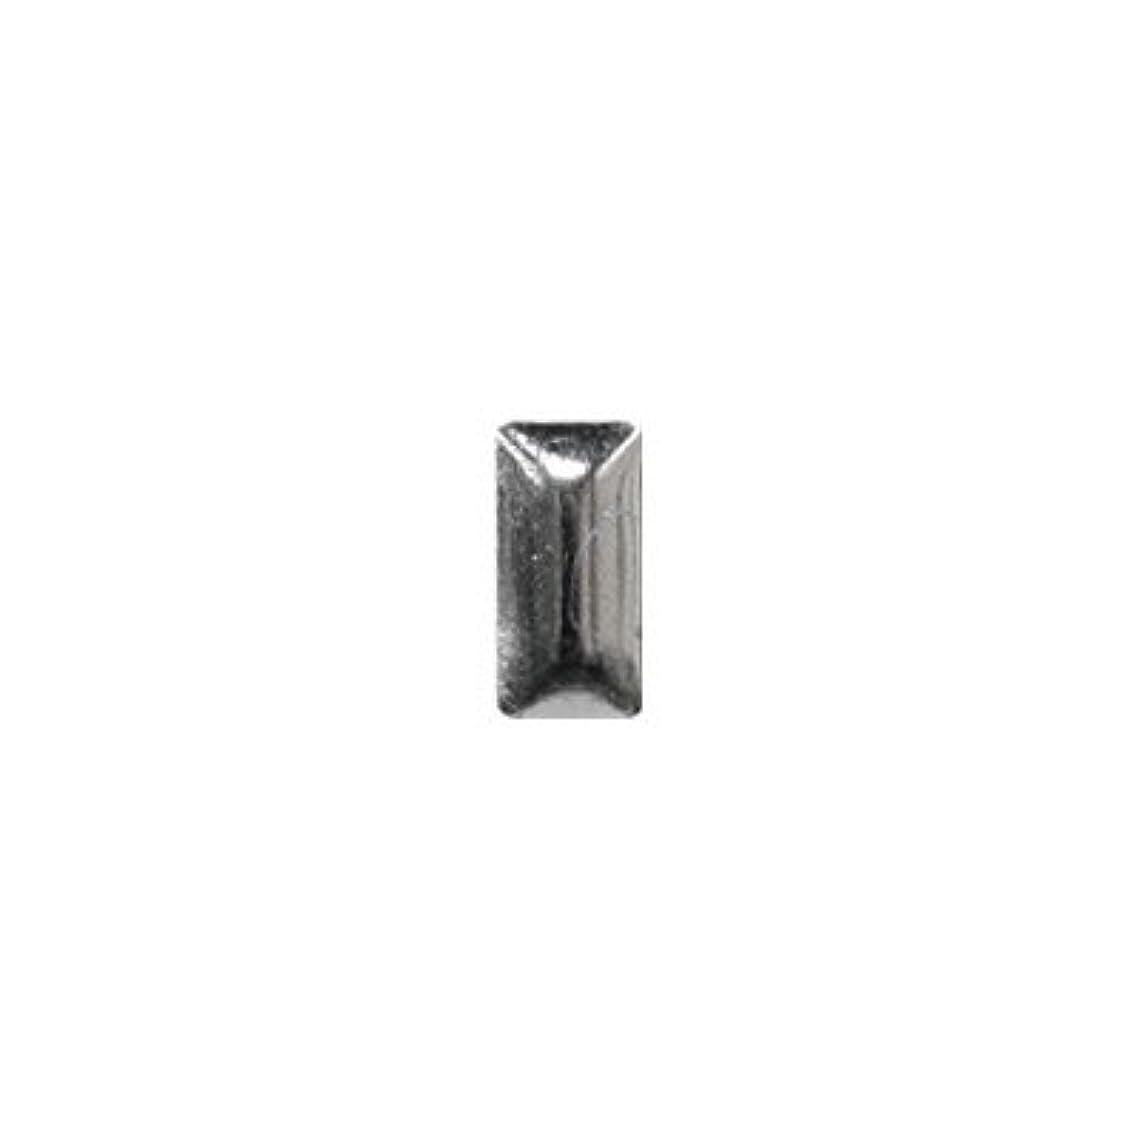 香りカーフ磁器ピアドラ スタッズ メタル長方形 2×4mm 50P シルバー